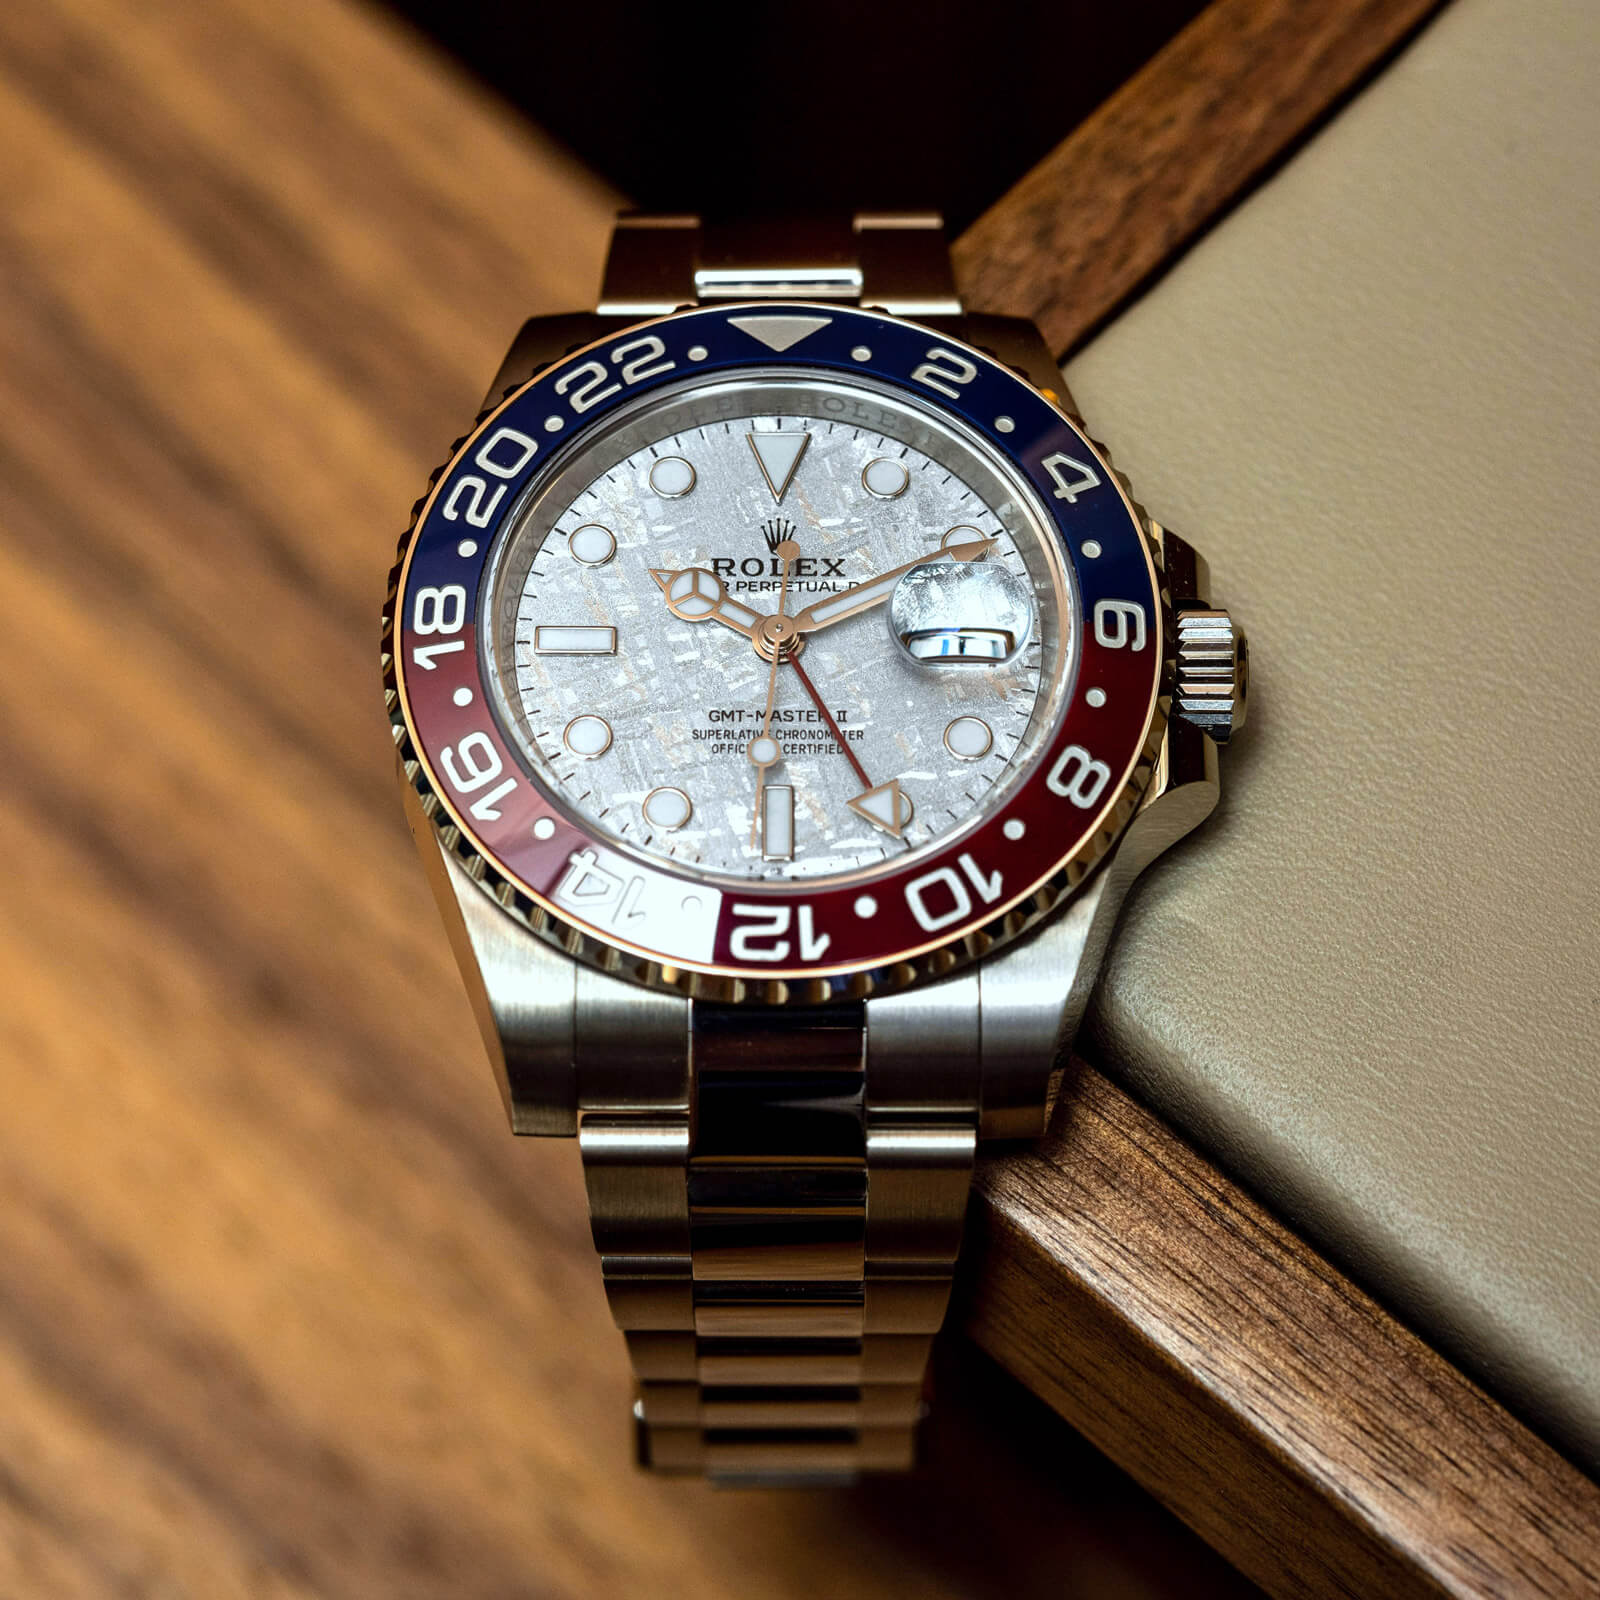 Rolex GMT-Master II – Ref. 126719BLRO